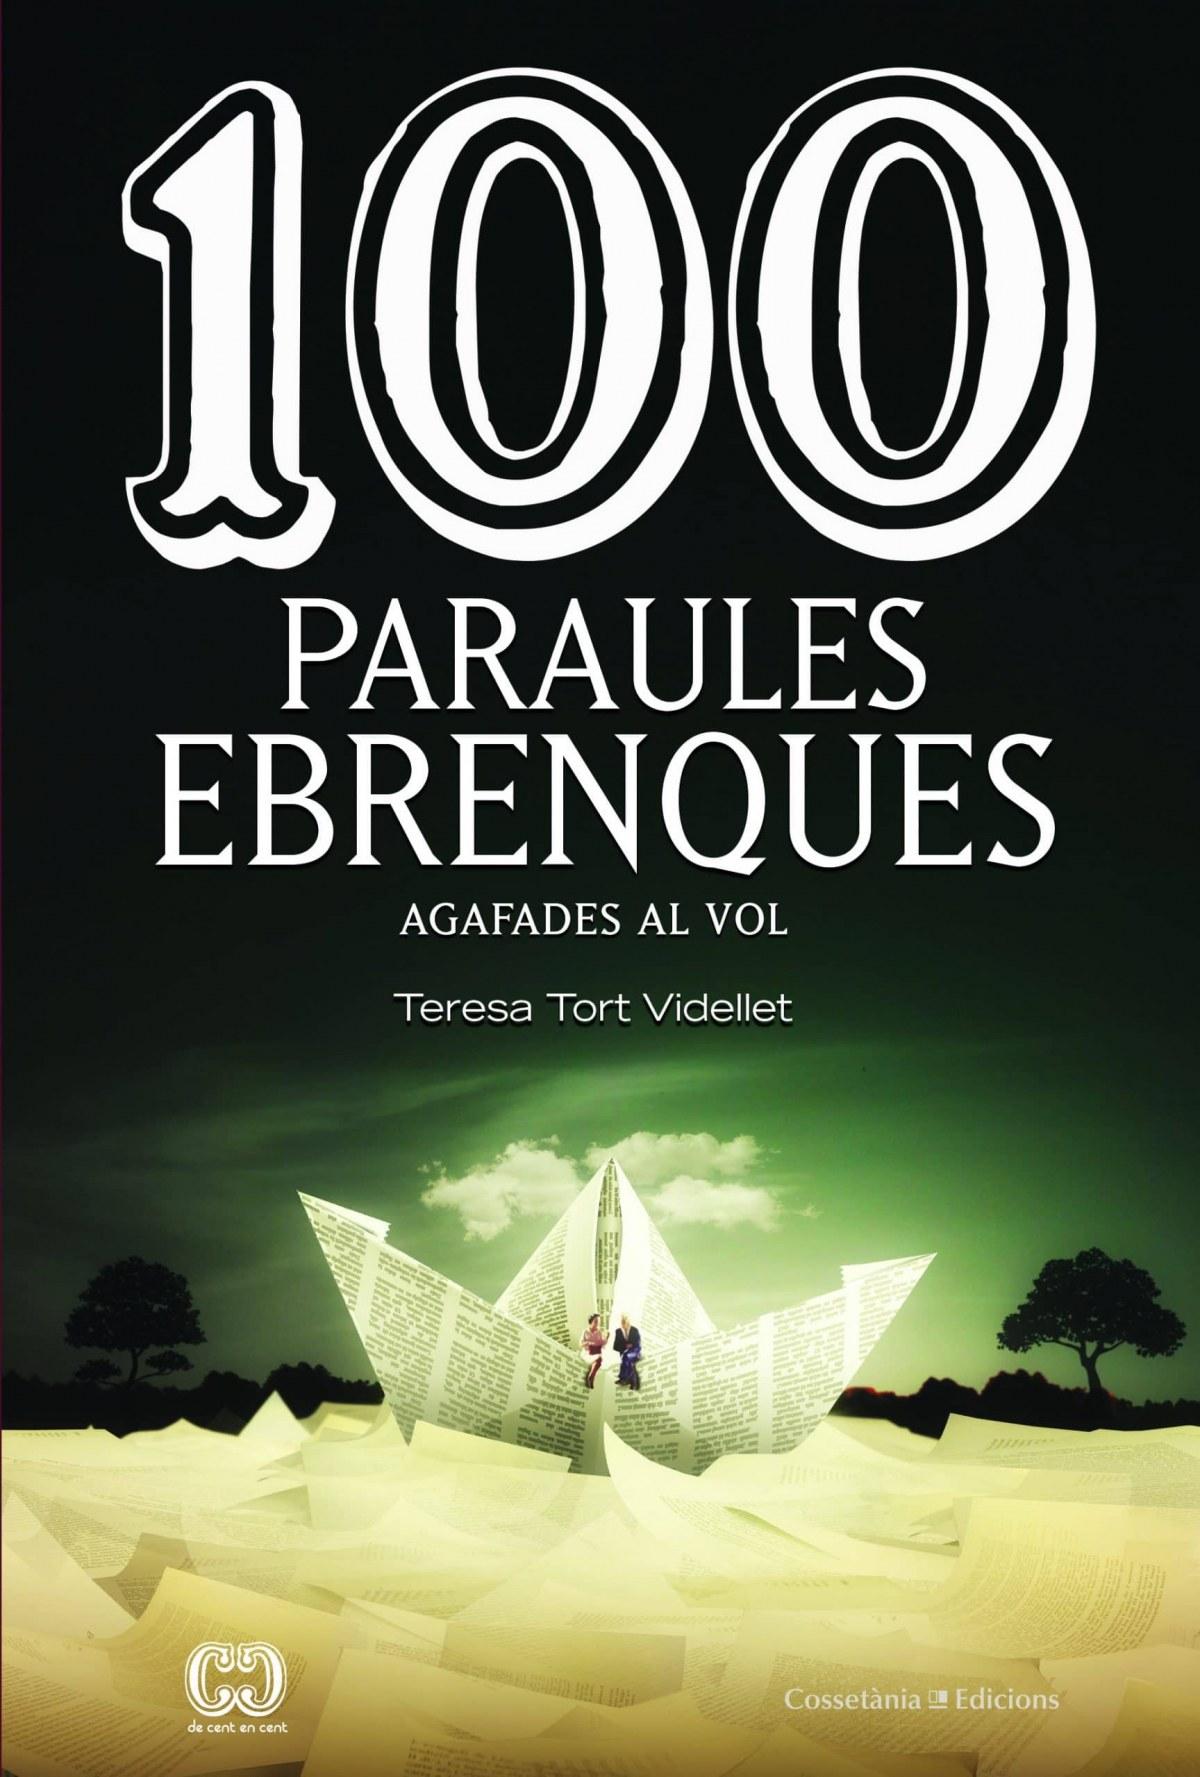 100 PARAULES EBRENQUES